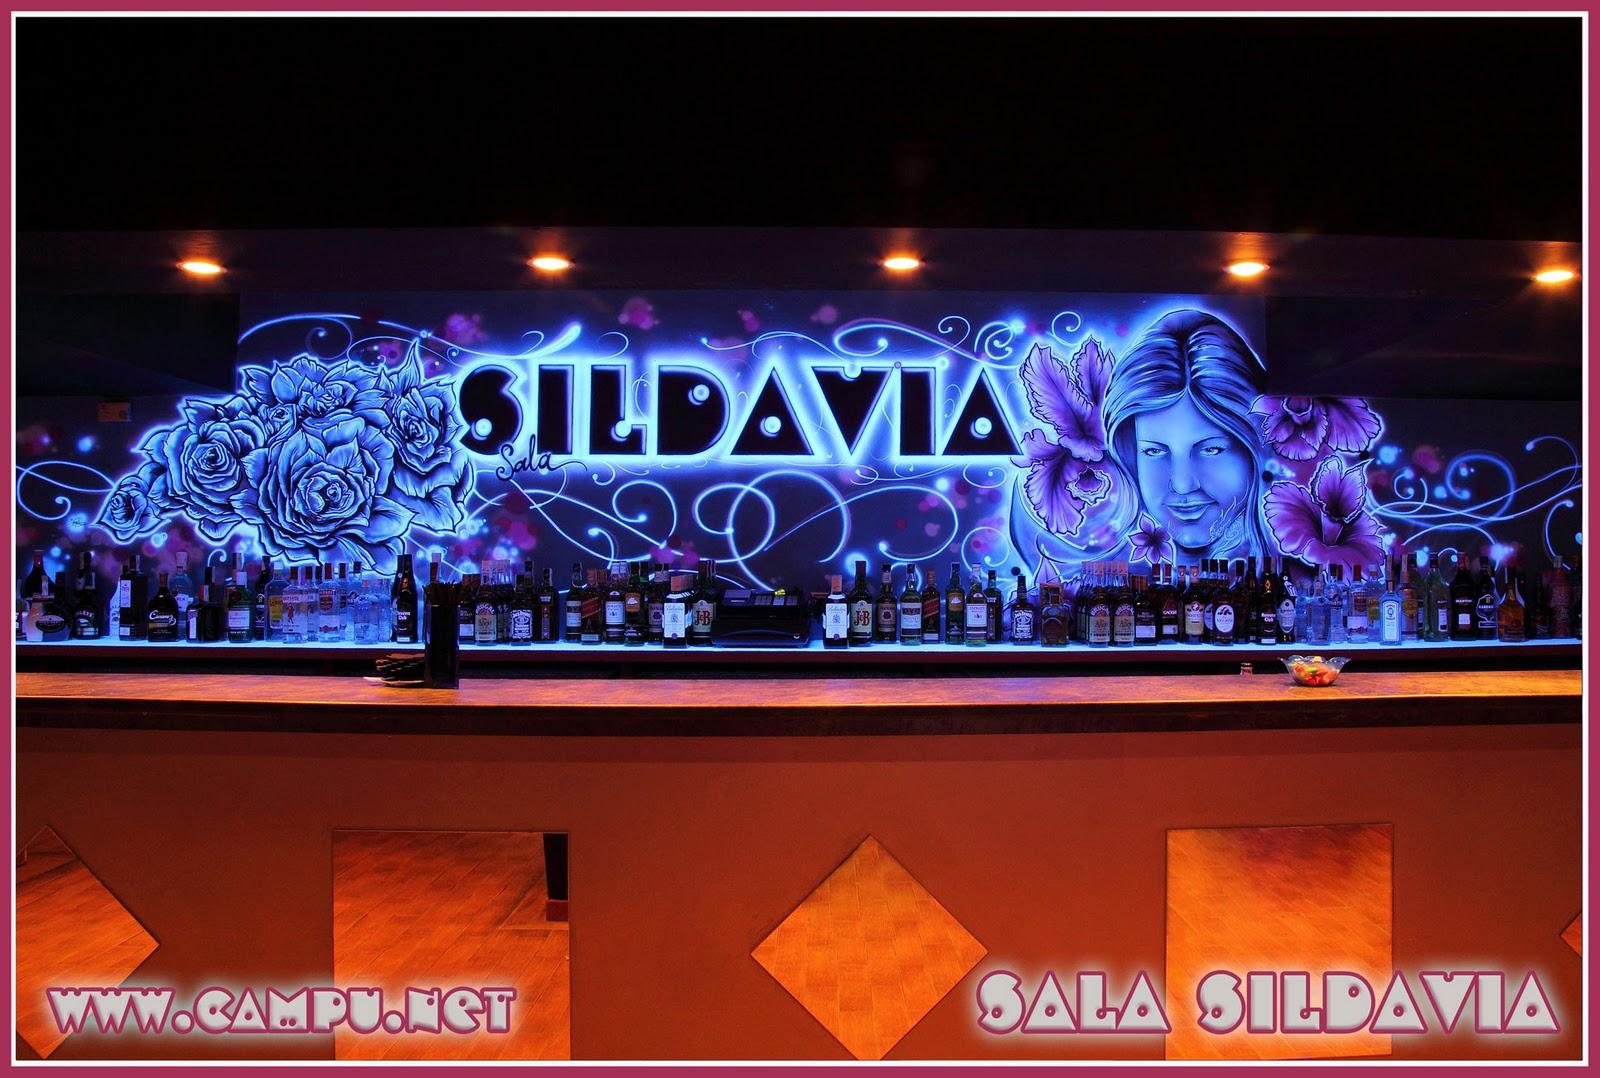 Campu net dise o pintura aerografia e ilustracion - Decoracion de bares de copas ...